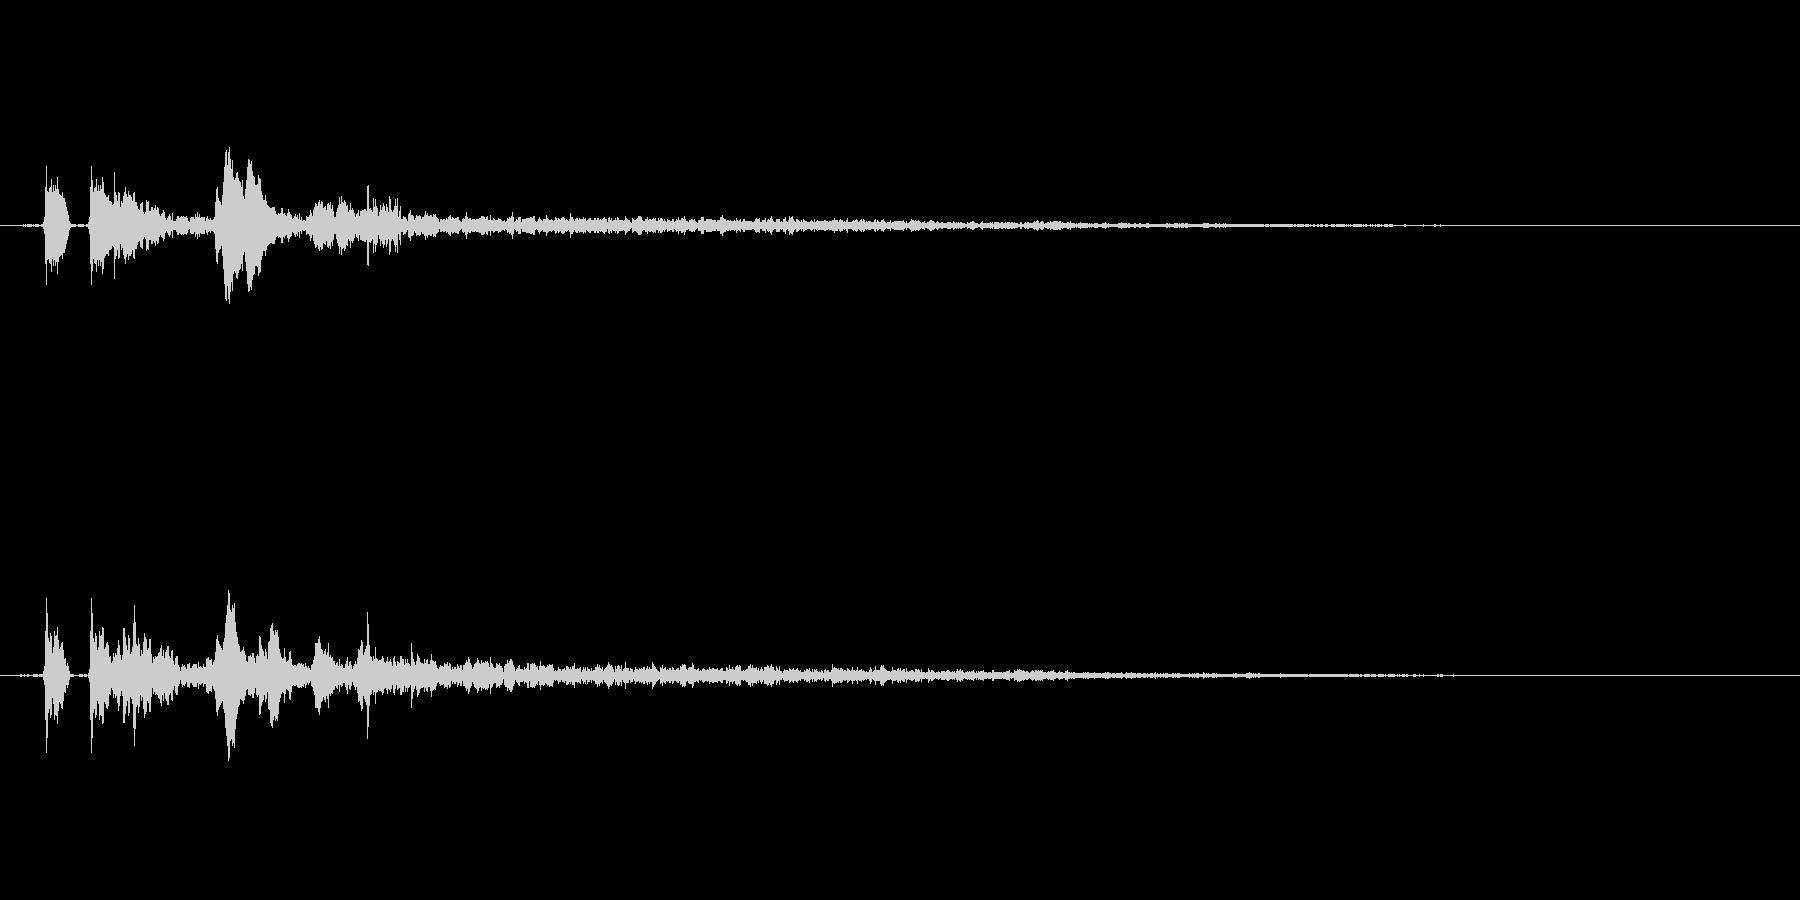 【ピチャ、ポチャ】リアルな水滴音01!の未再生の波形